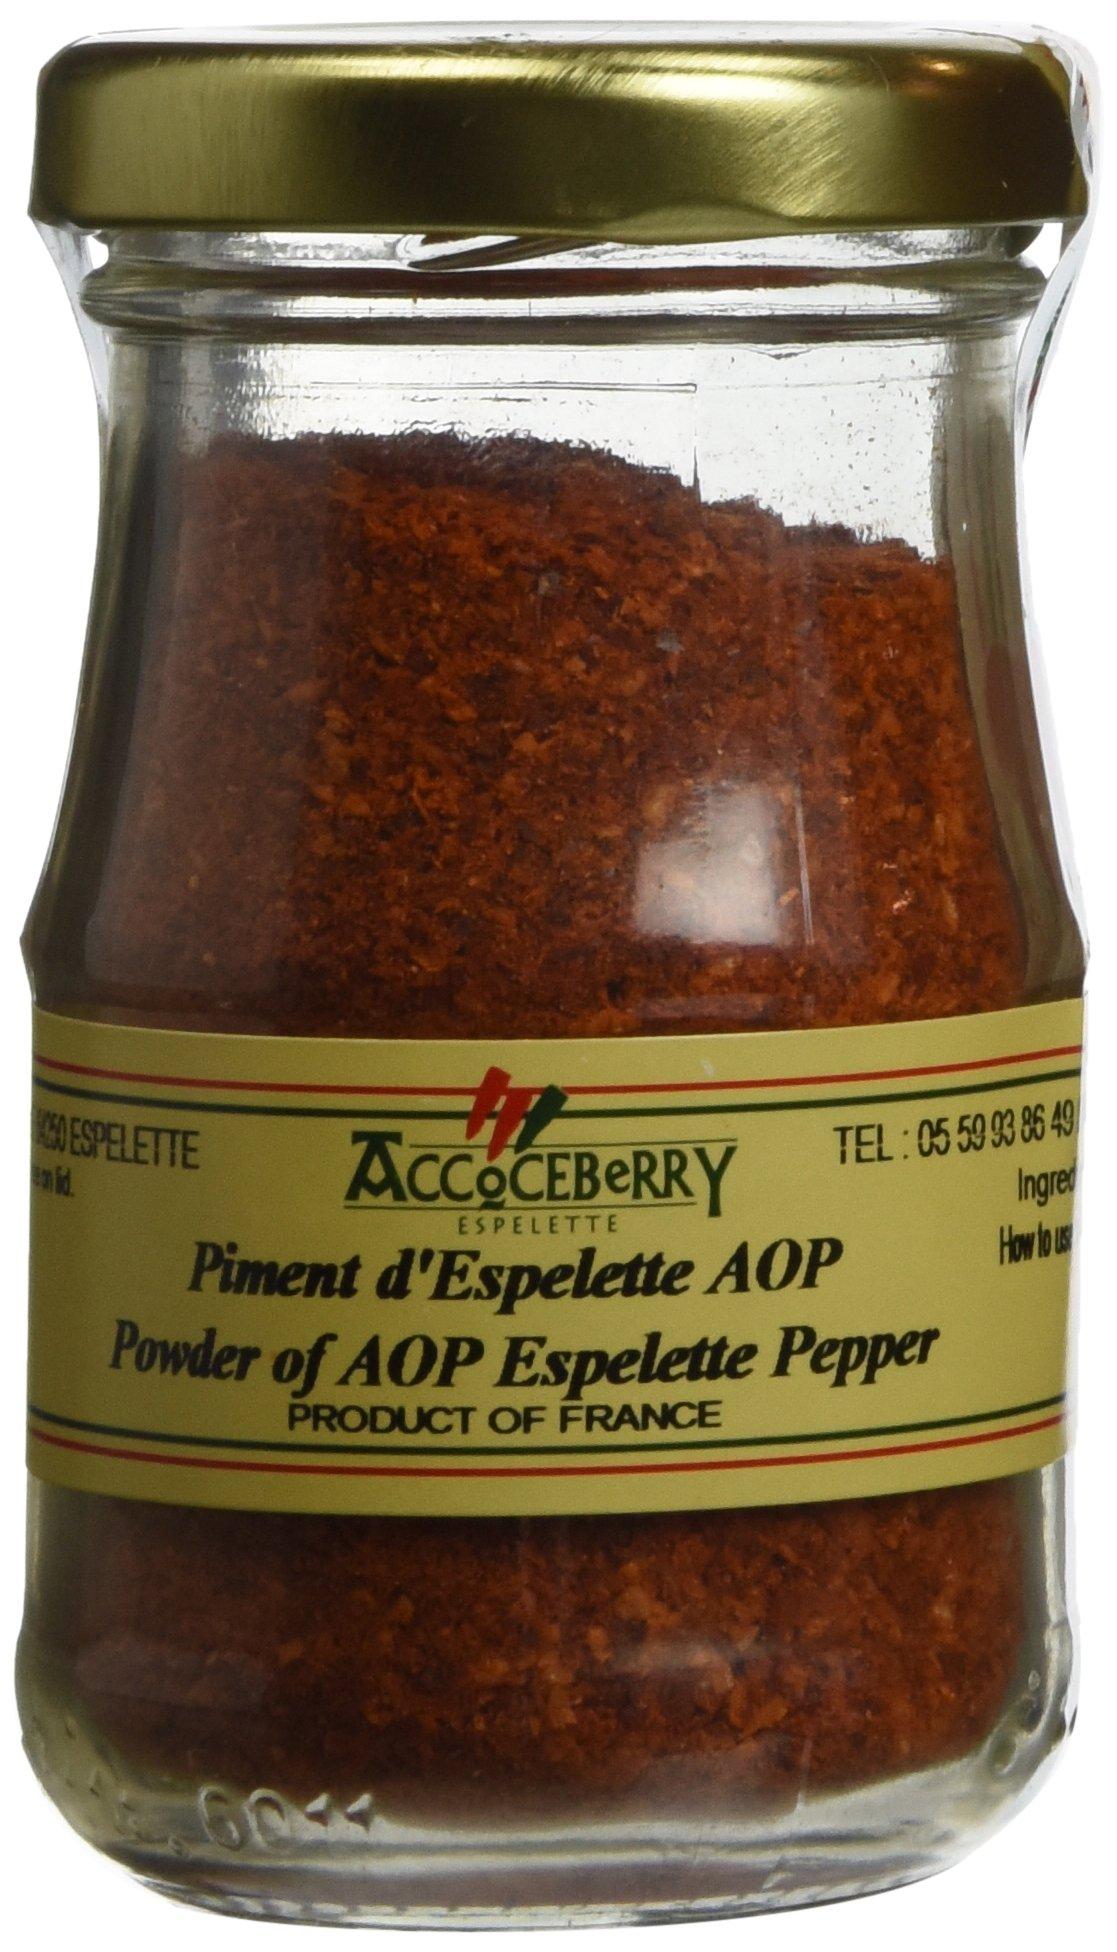 Accoceberry Espelette Pepper powder from France 1.6oz 45g